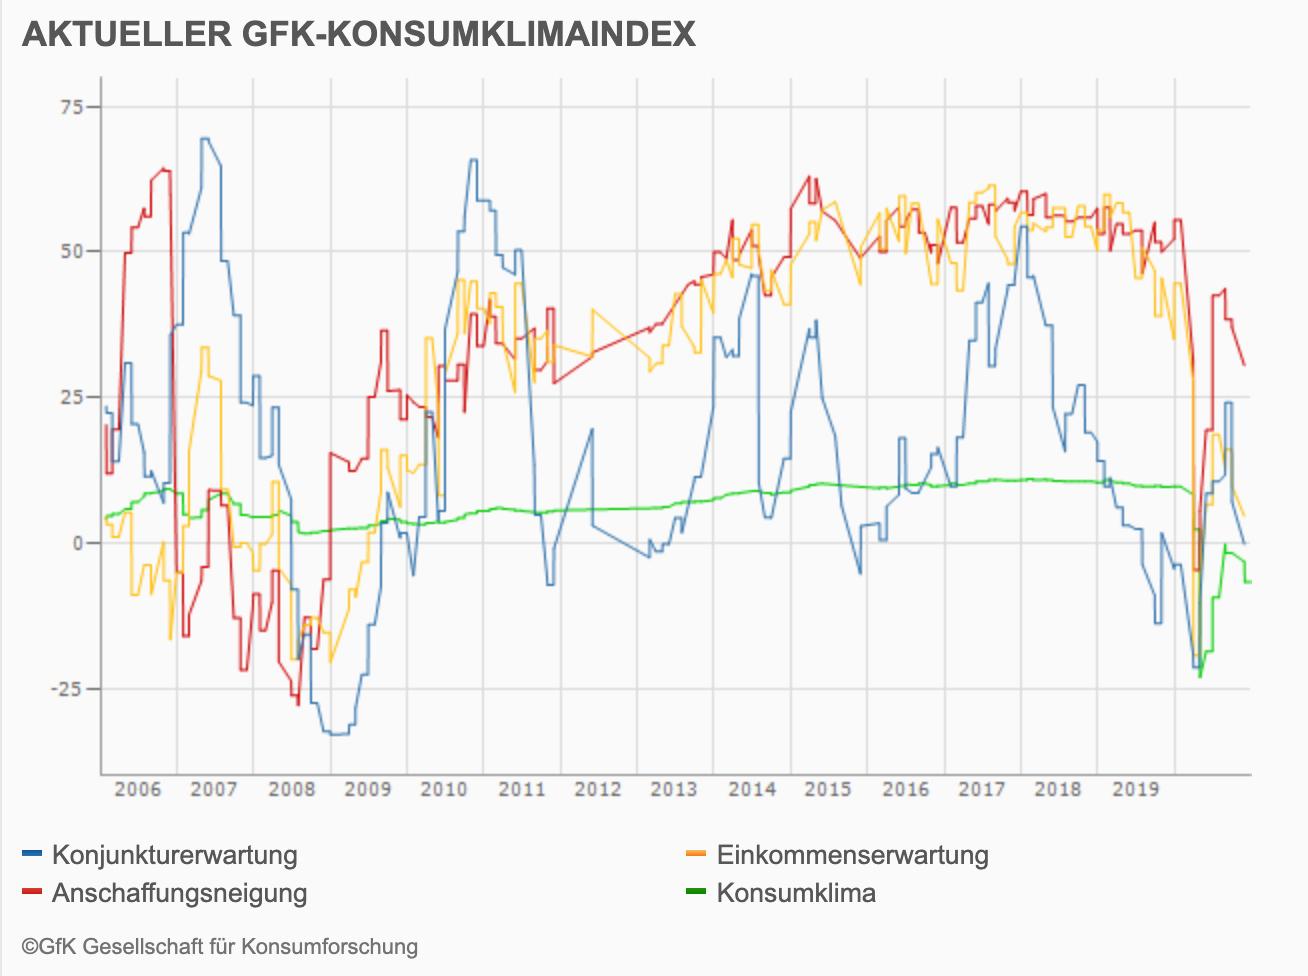 Gfk Konsumklimaindex im Zeitablauf